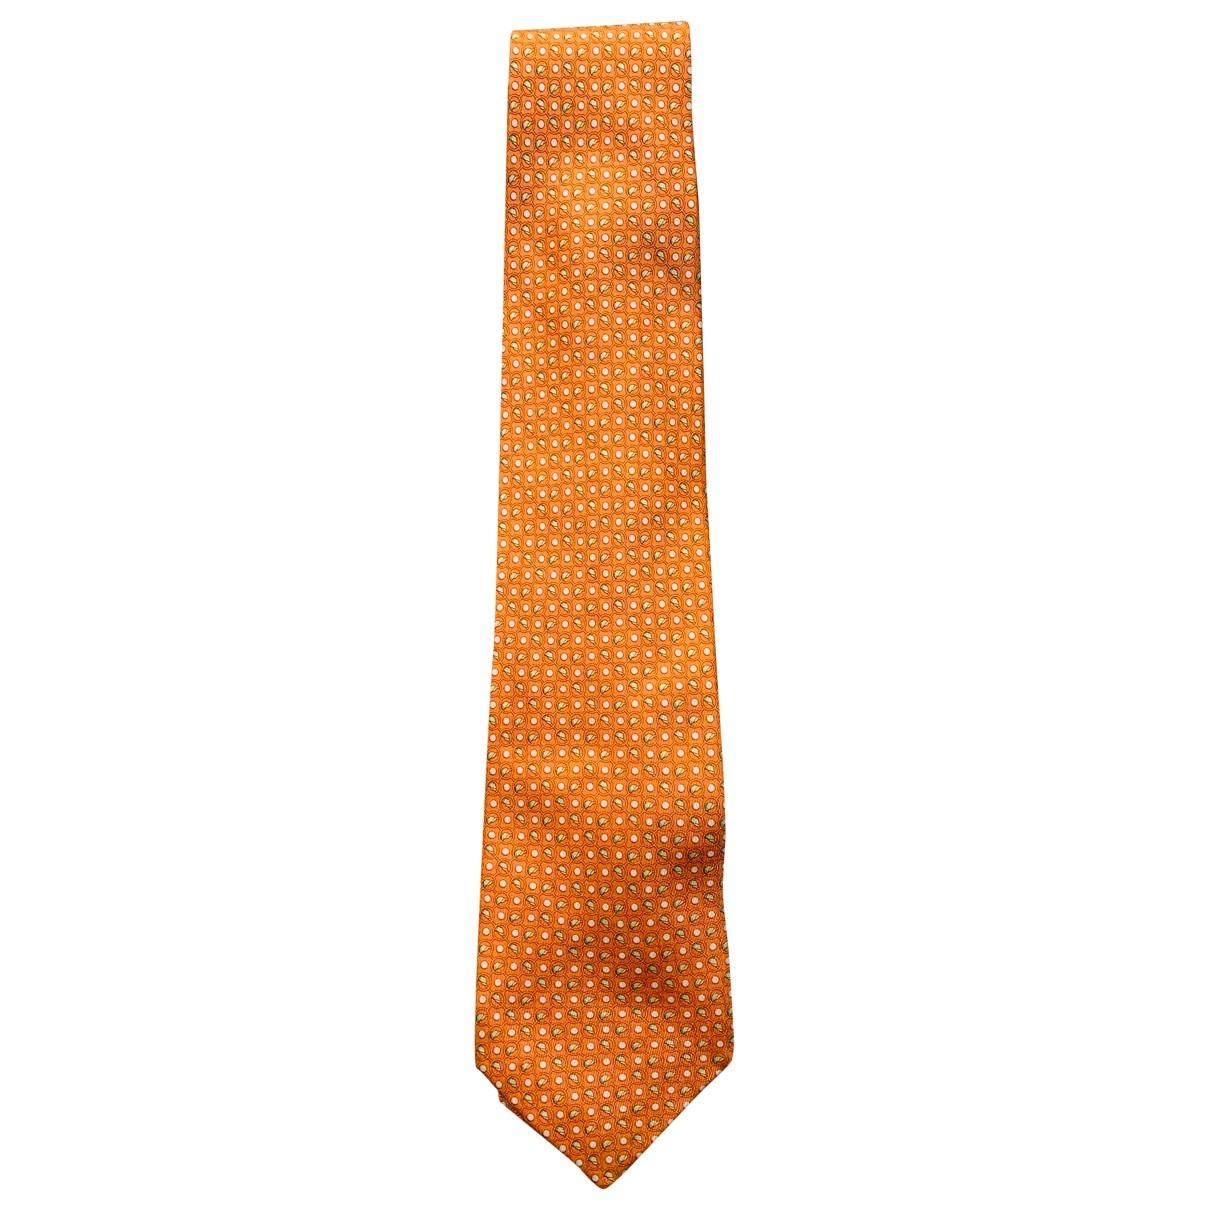 Salvatore Ferragamo - Cravates   pour homme en soie - orange